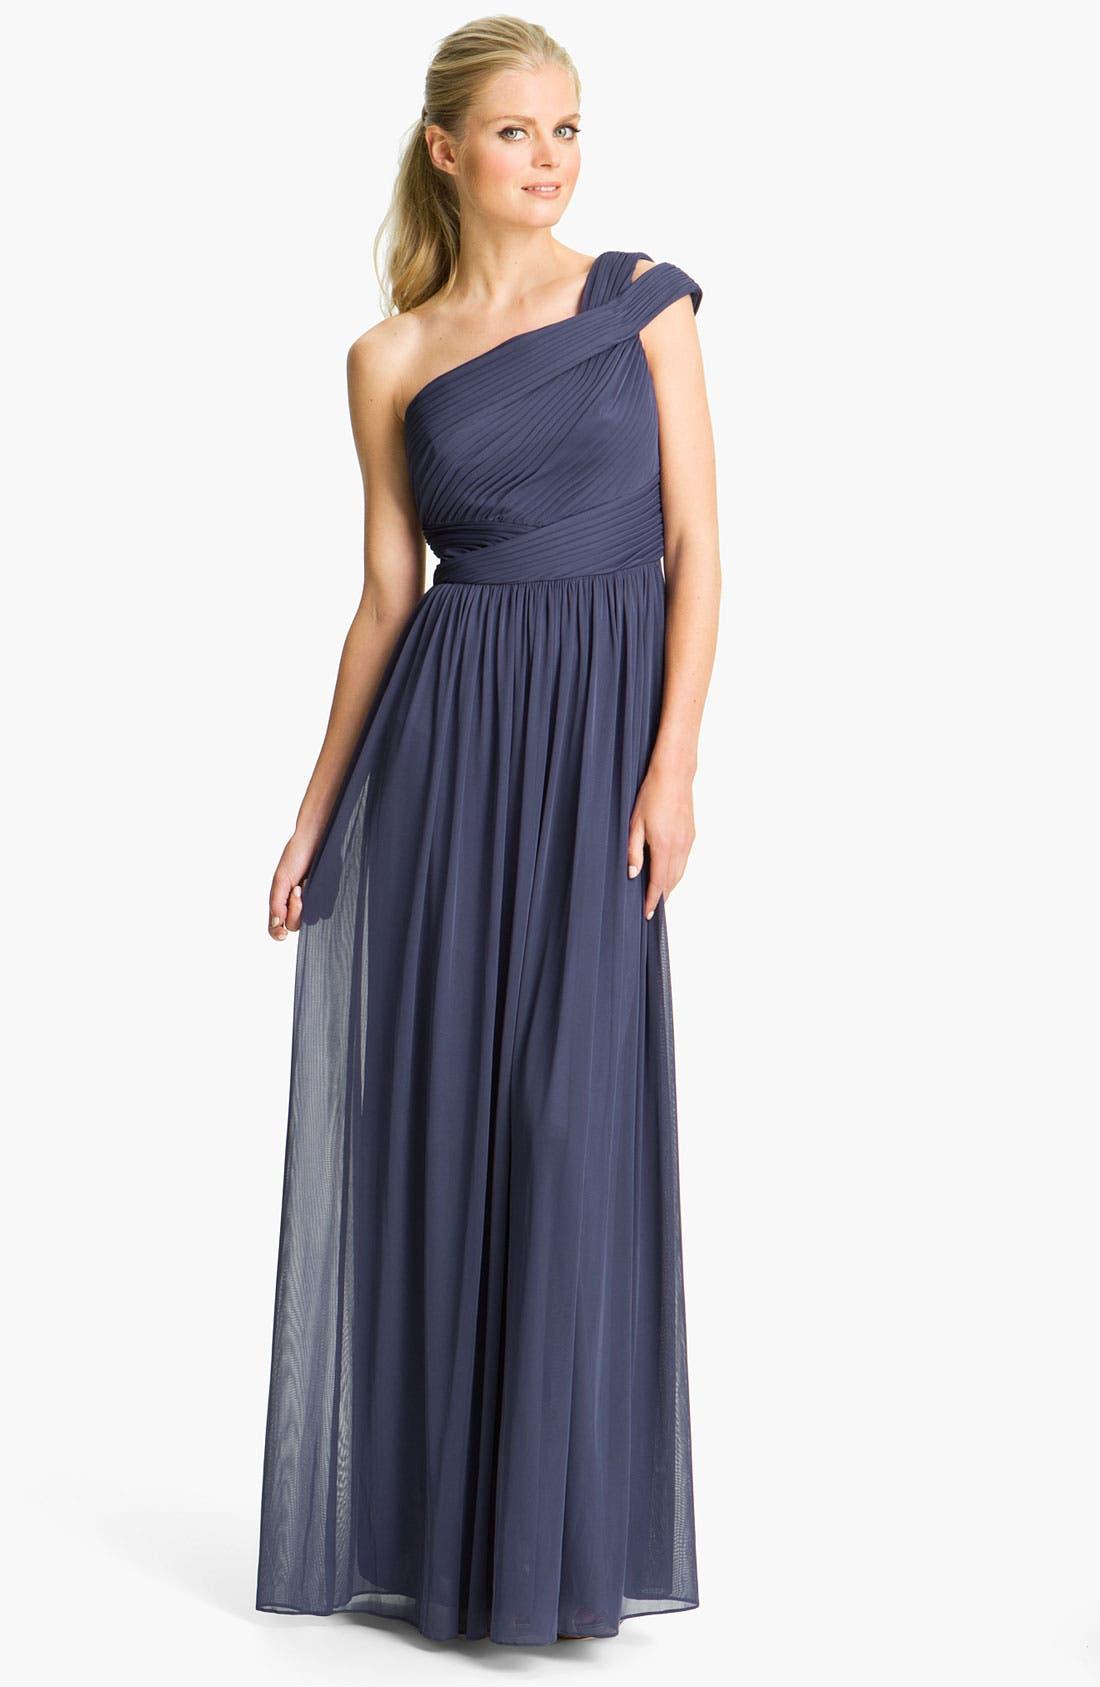 Main Image - ML Monique Lhuillier Bridesmaids Cutout One-Shoulder Mesh Gown (Nordstrom Exclusive)